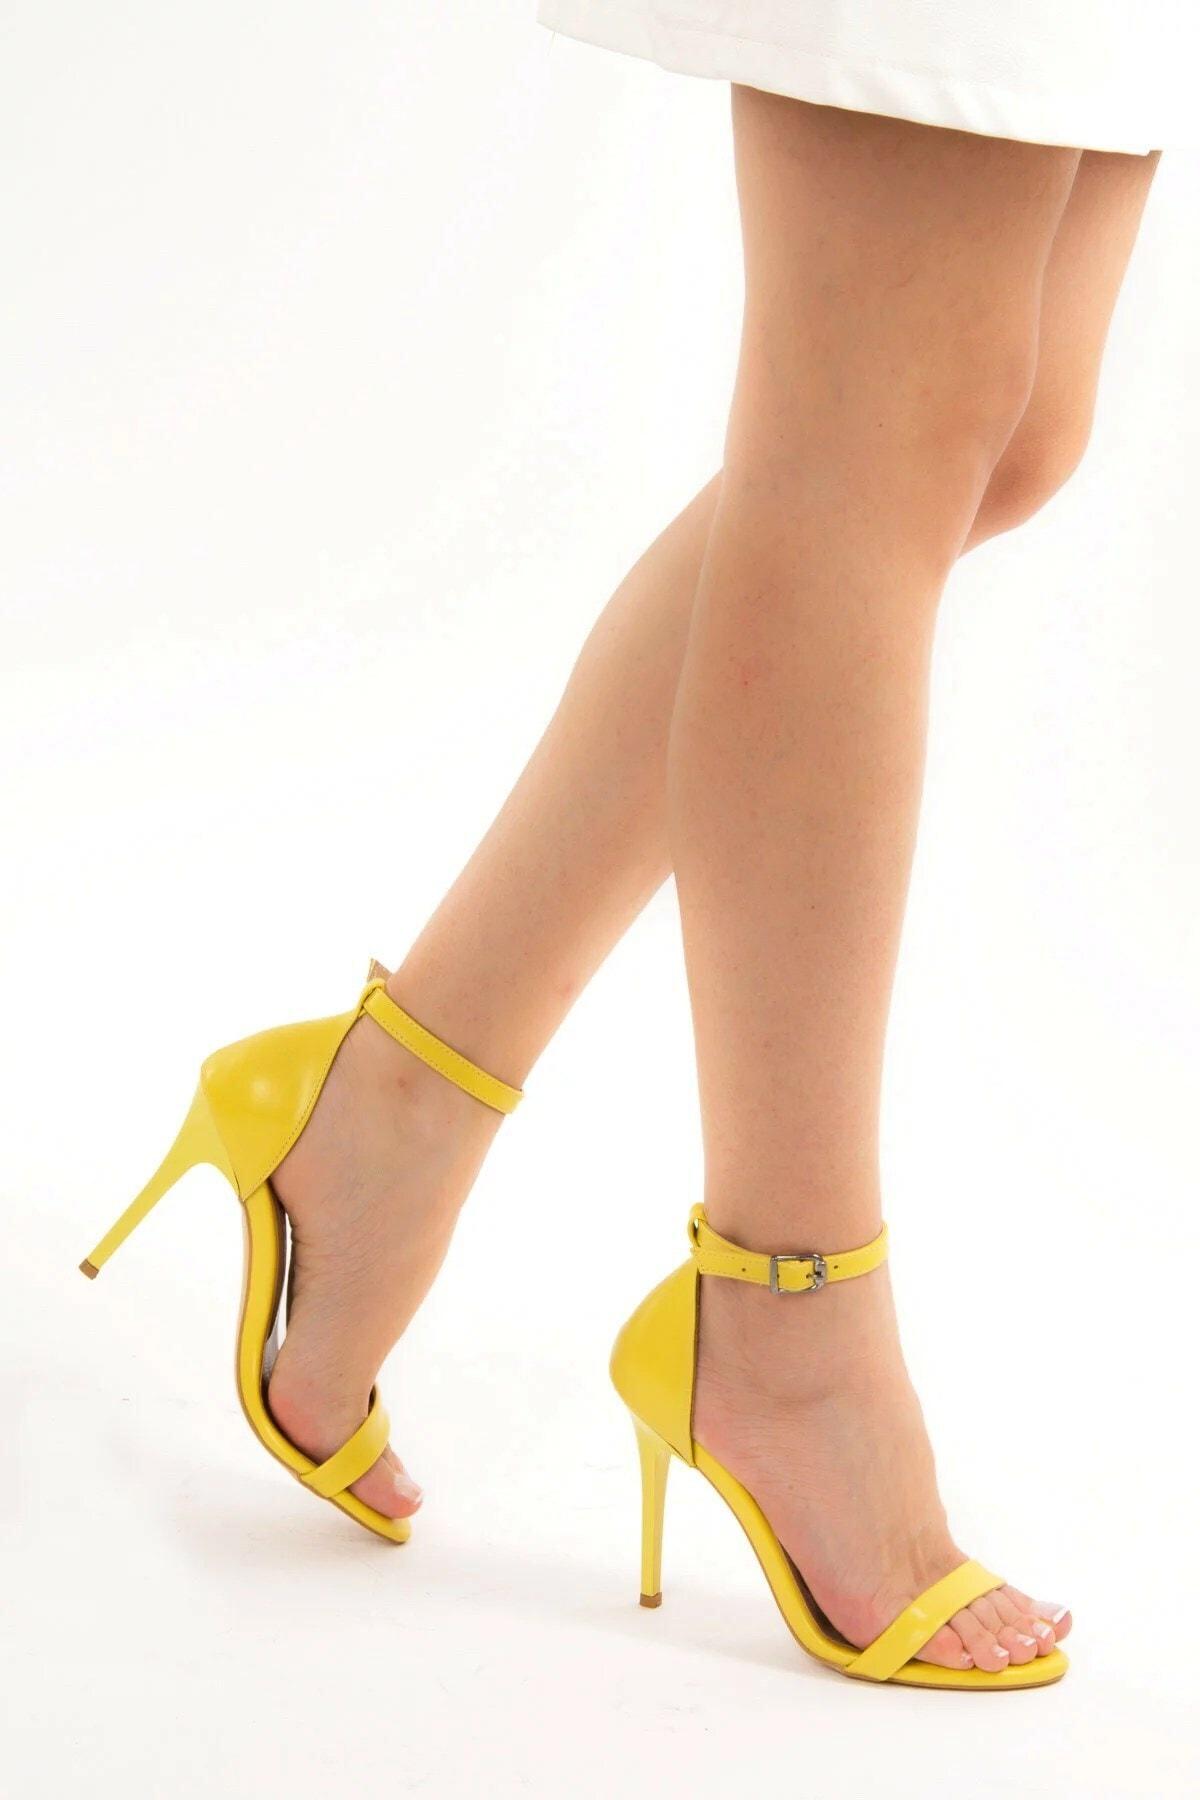 Fox Shoes Sarı Kadın Topuklu Ayakkabı B922112609 1